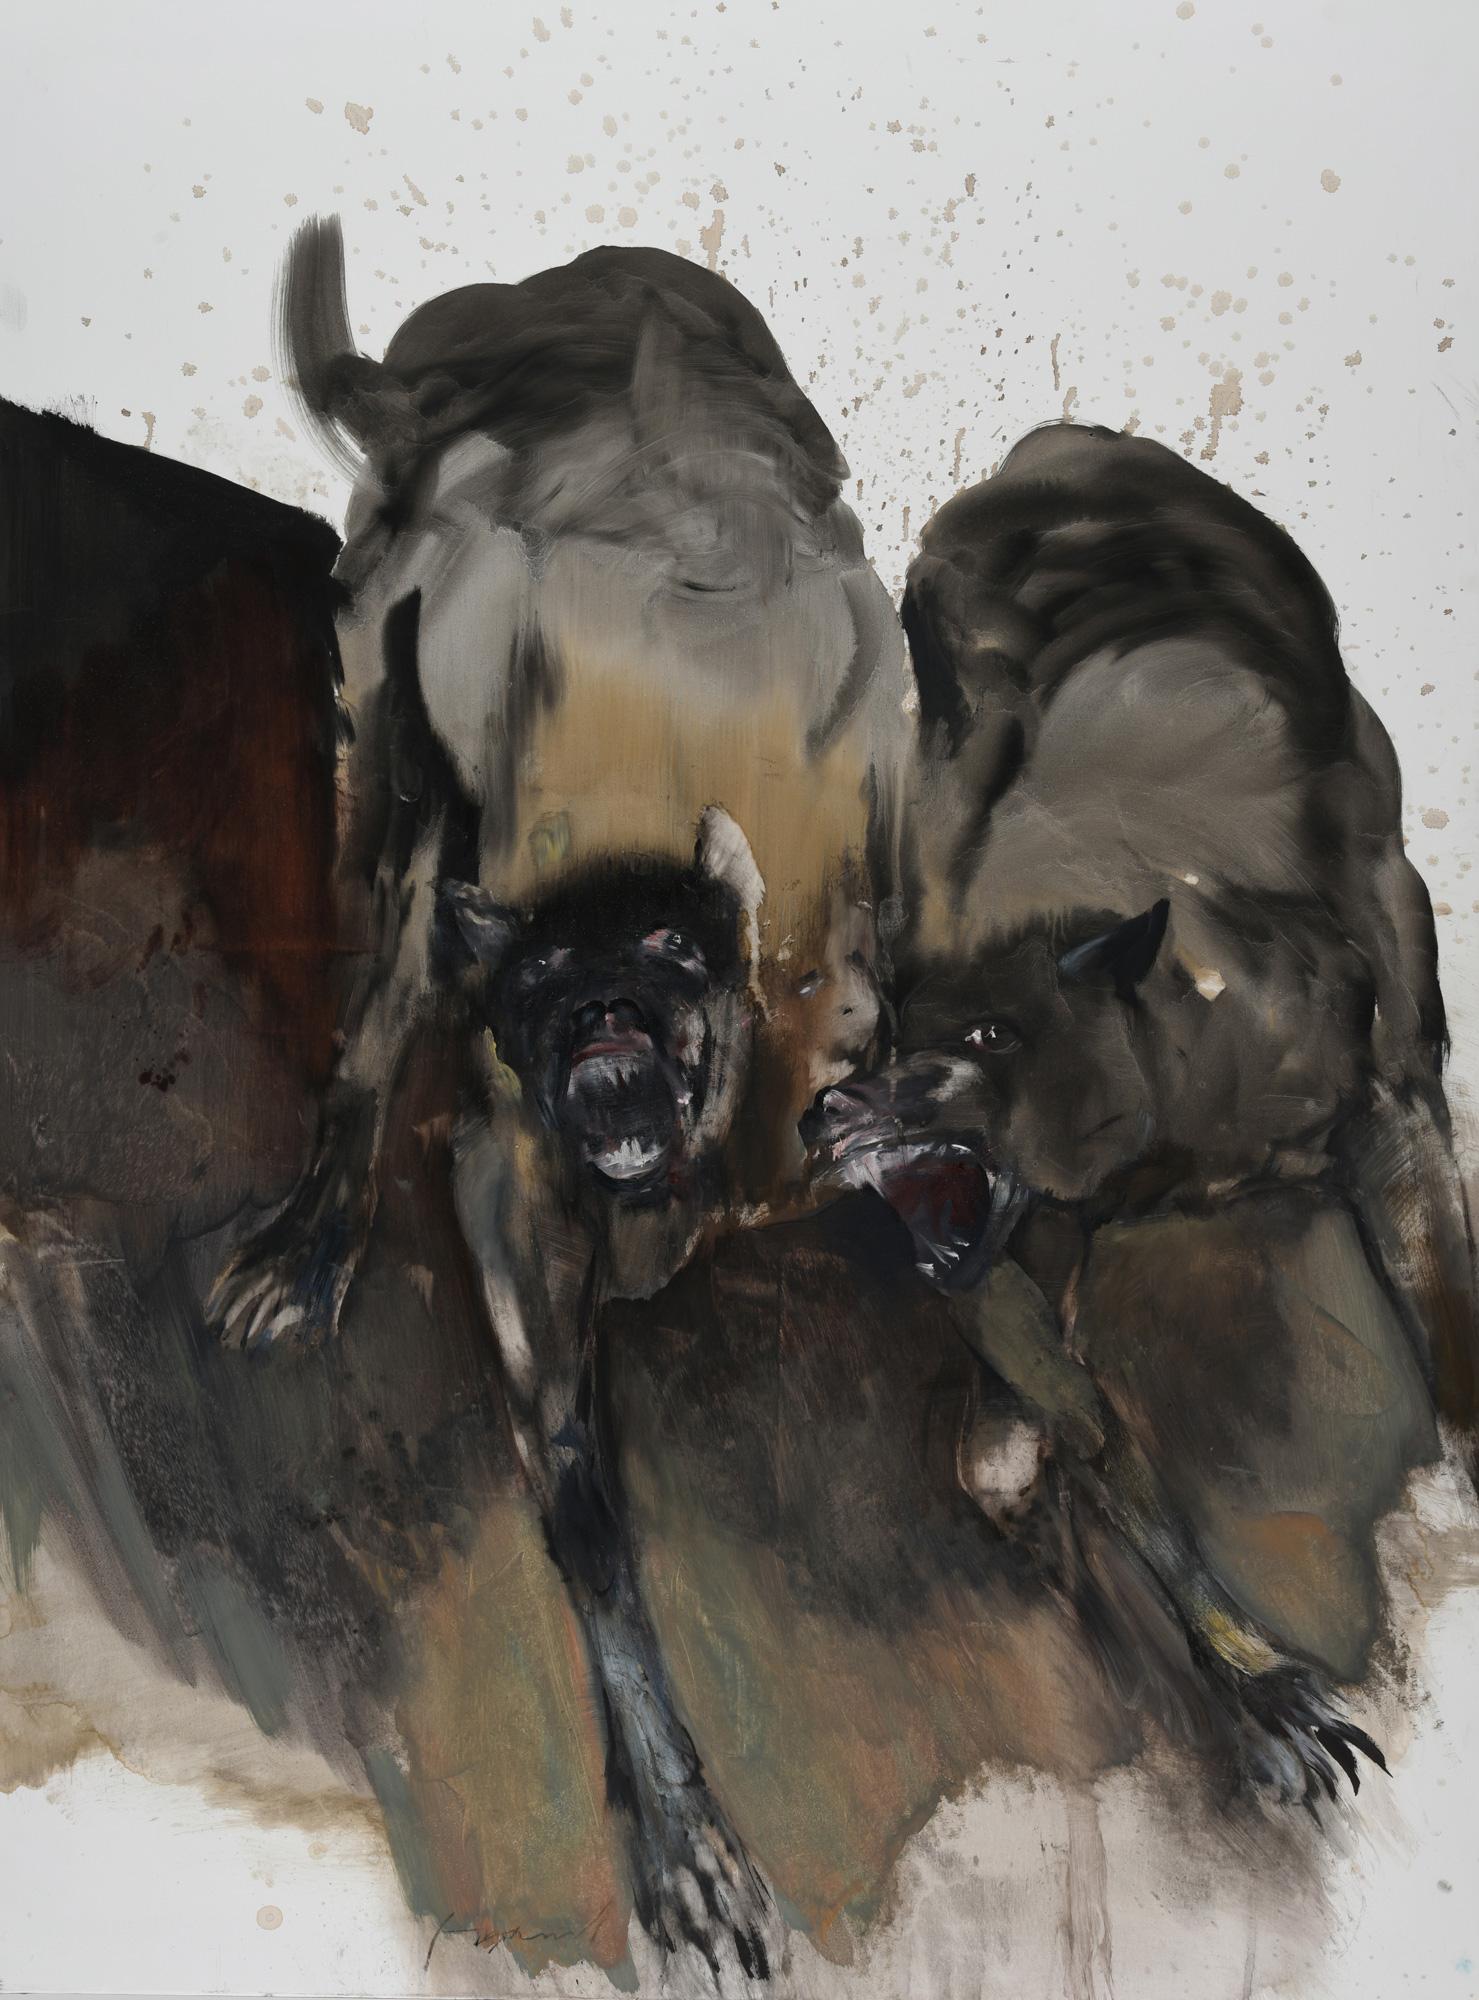 Oeuvre de Franta exposée à la Airial galerie